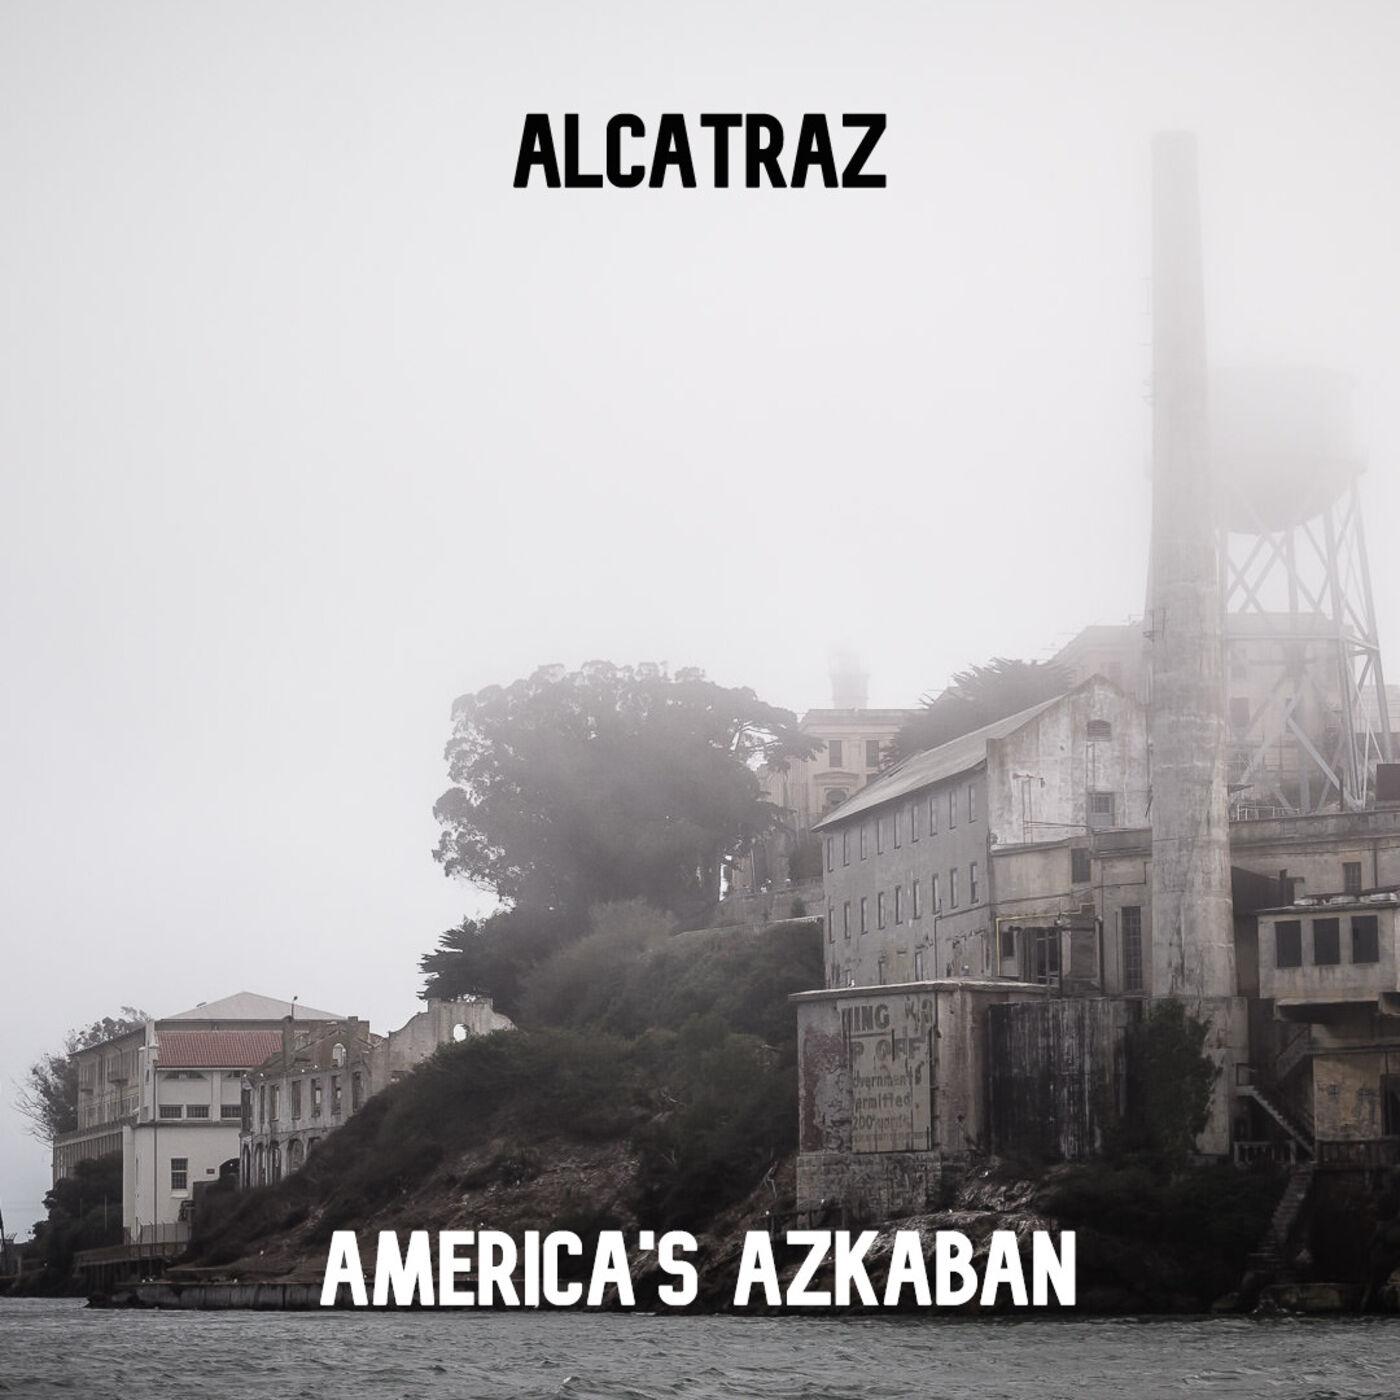 Alcatraz: America's Azkaban